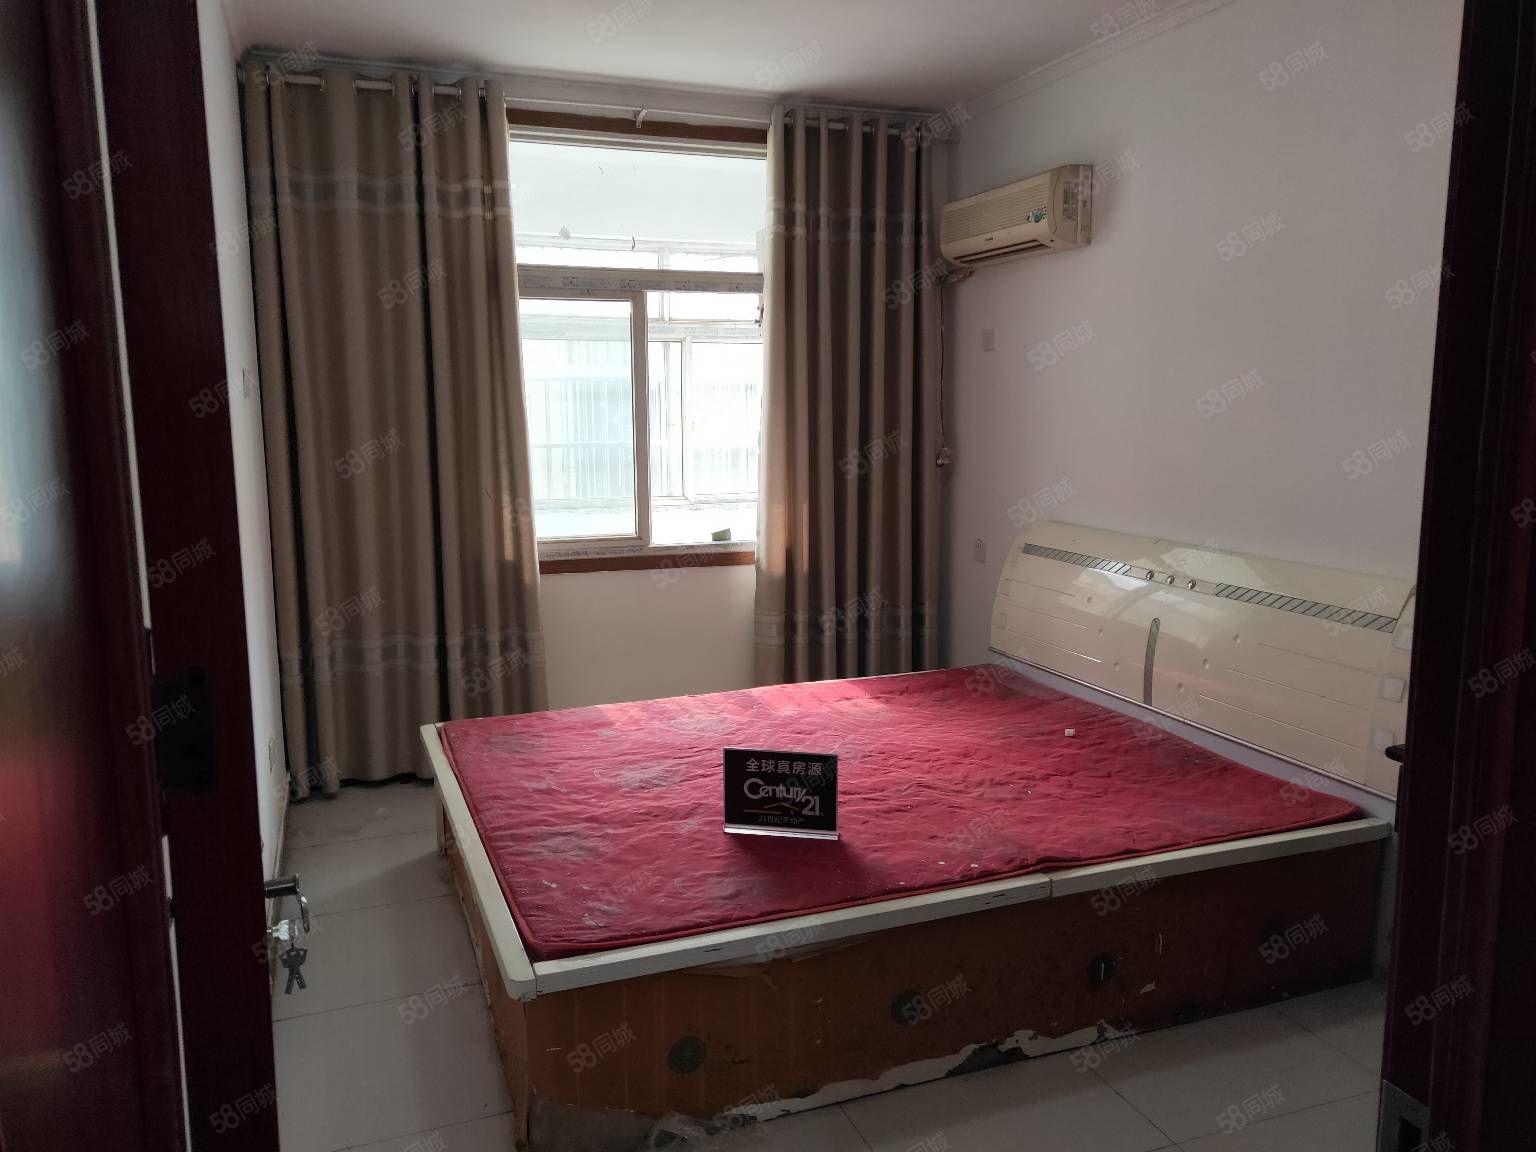 世纪皇宫后面木制老板椅热水器空调2床